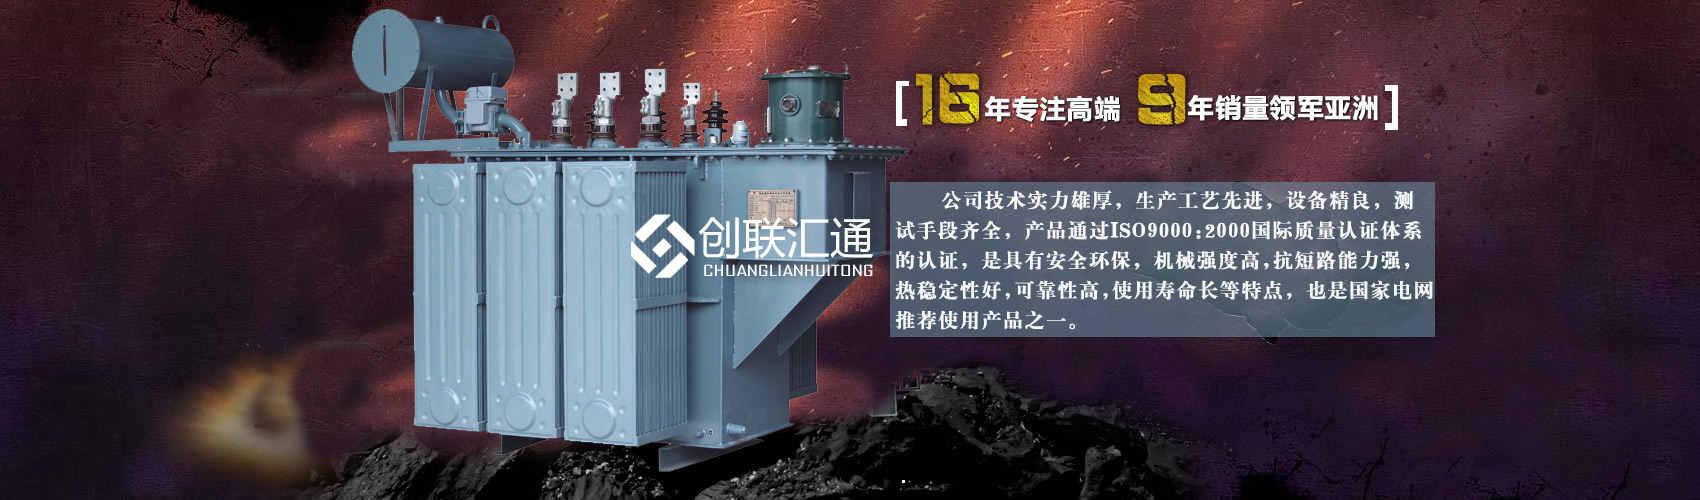 三相变压器产品广泛用于工矿企业、纺织机械、印刷包装、石油化工、学校、商场、电梯、邮电通信、医疗机械,办公设备等所有需要正常电压保证的场合。